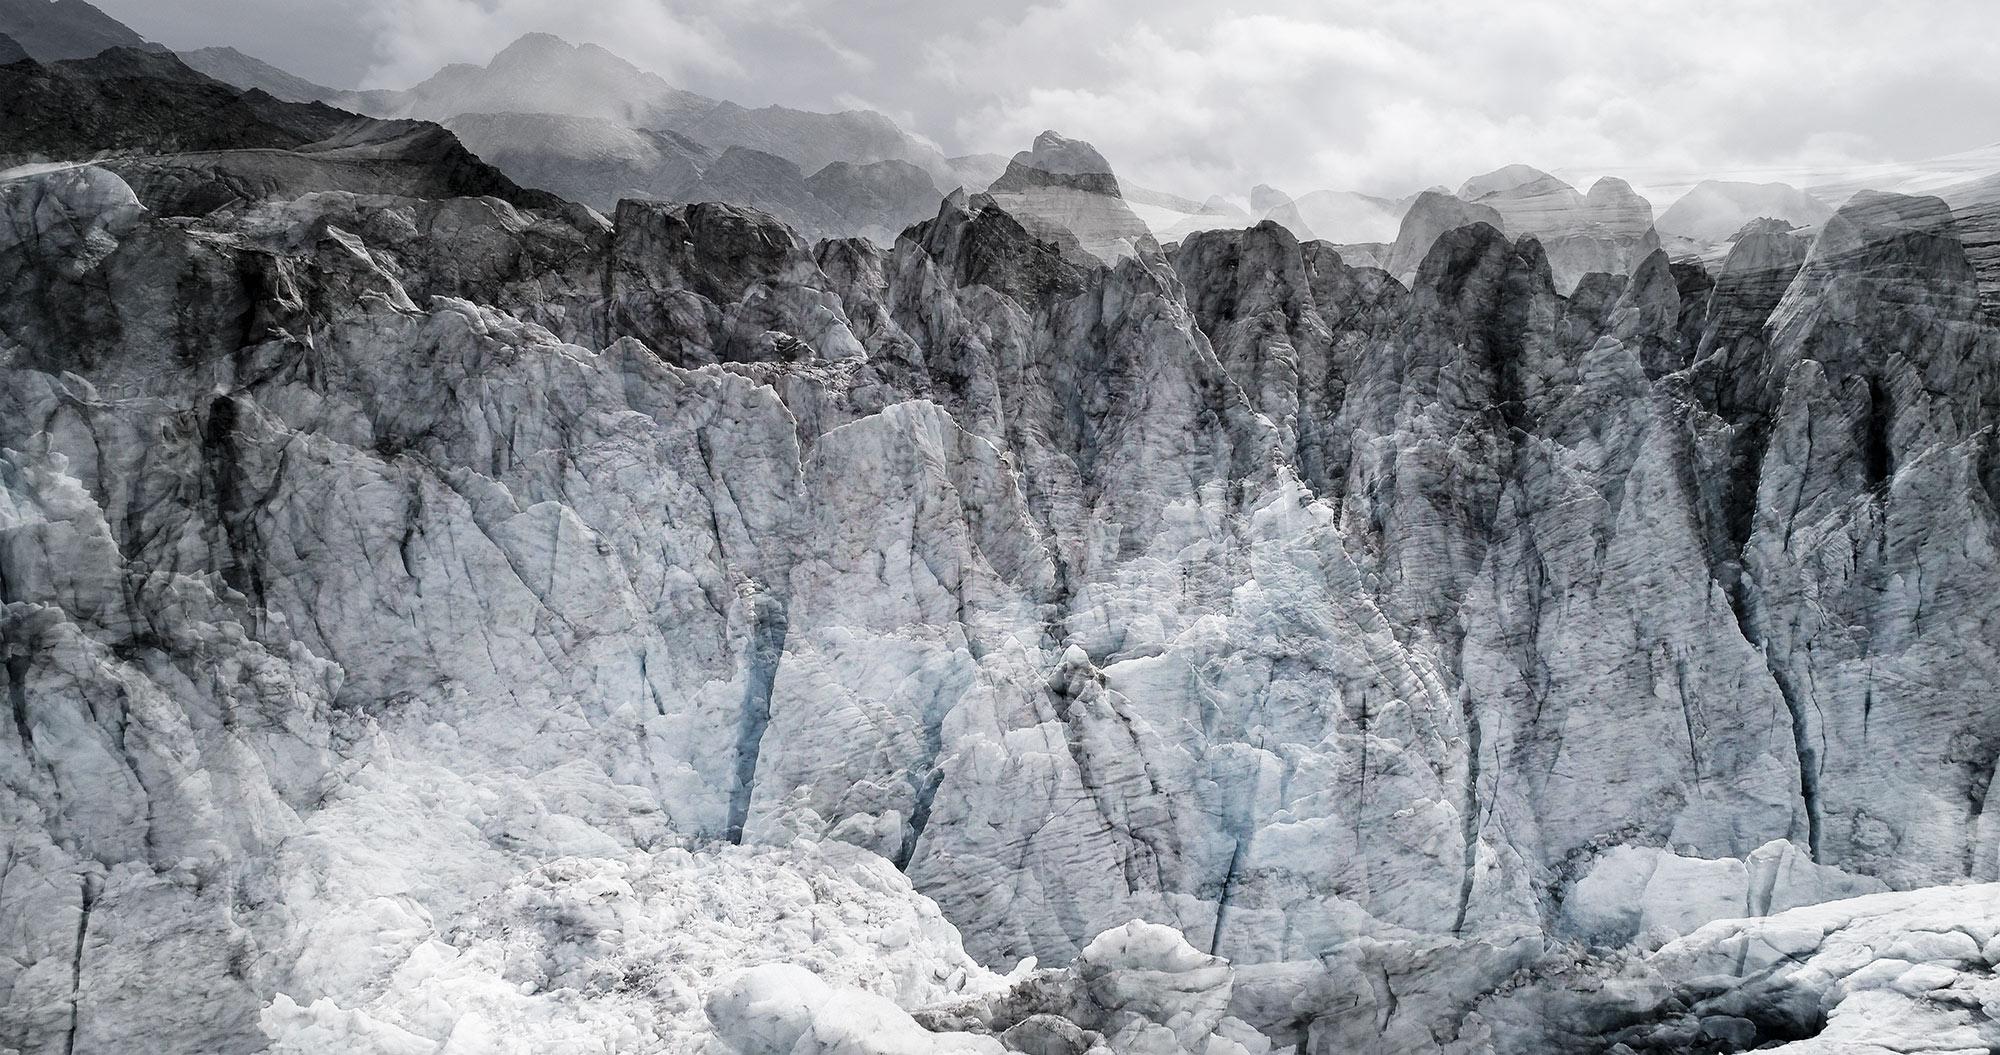 #45 Glaciers offset, 2017, photographie reconstruite à partir de bandes videos, réalisées sur le glacier de Moiry